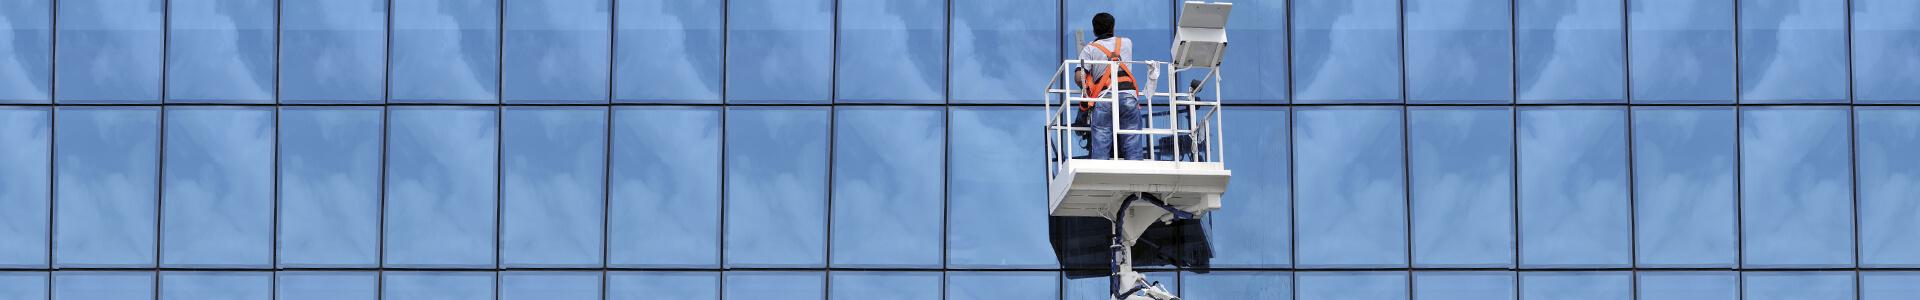 tecnicos da Estrutural Glazing instalam fachada pele de vidro